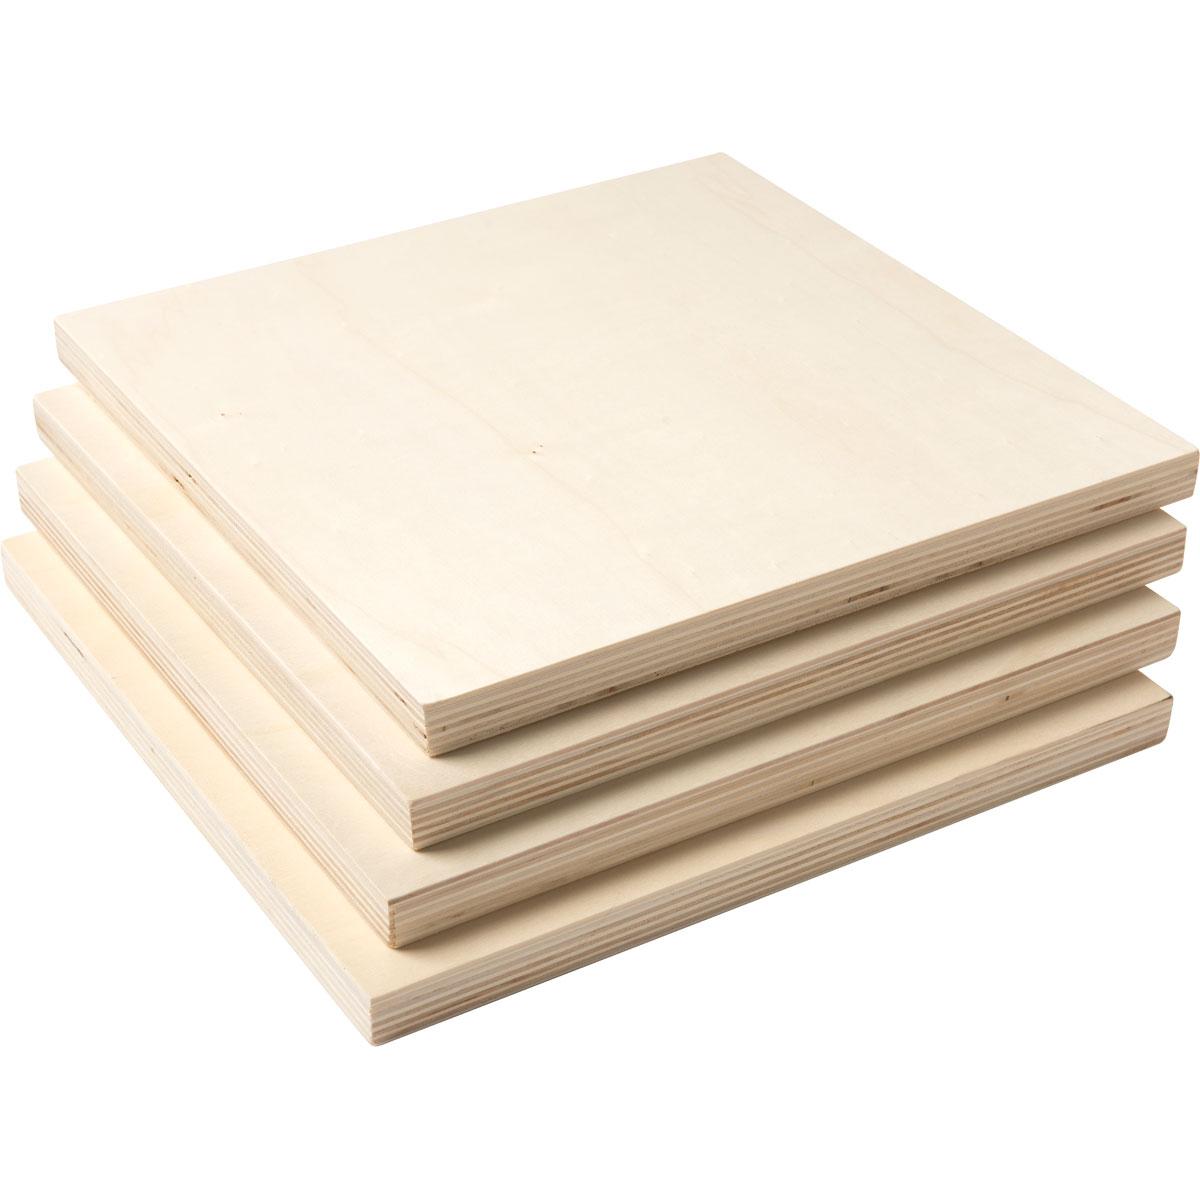 Plaid ® Wood Surfaces - Plywood Panel Bundle, 4 pieces, 12